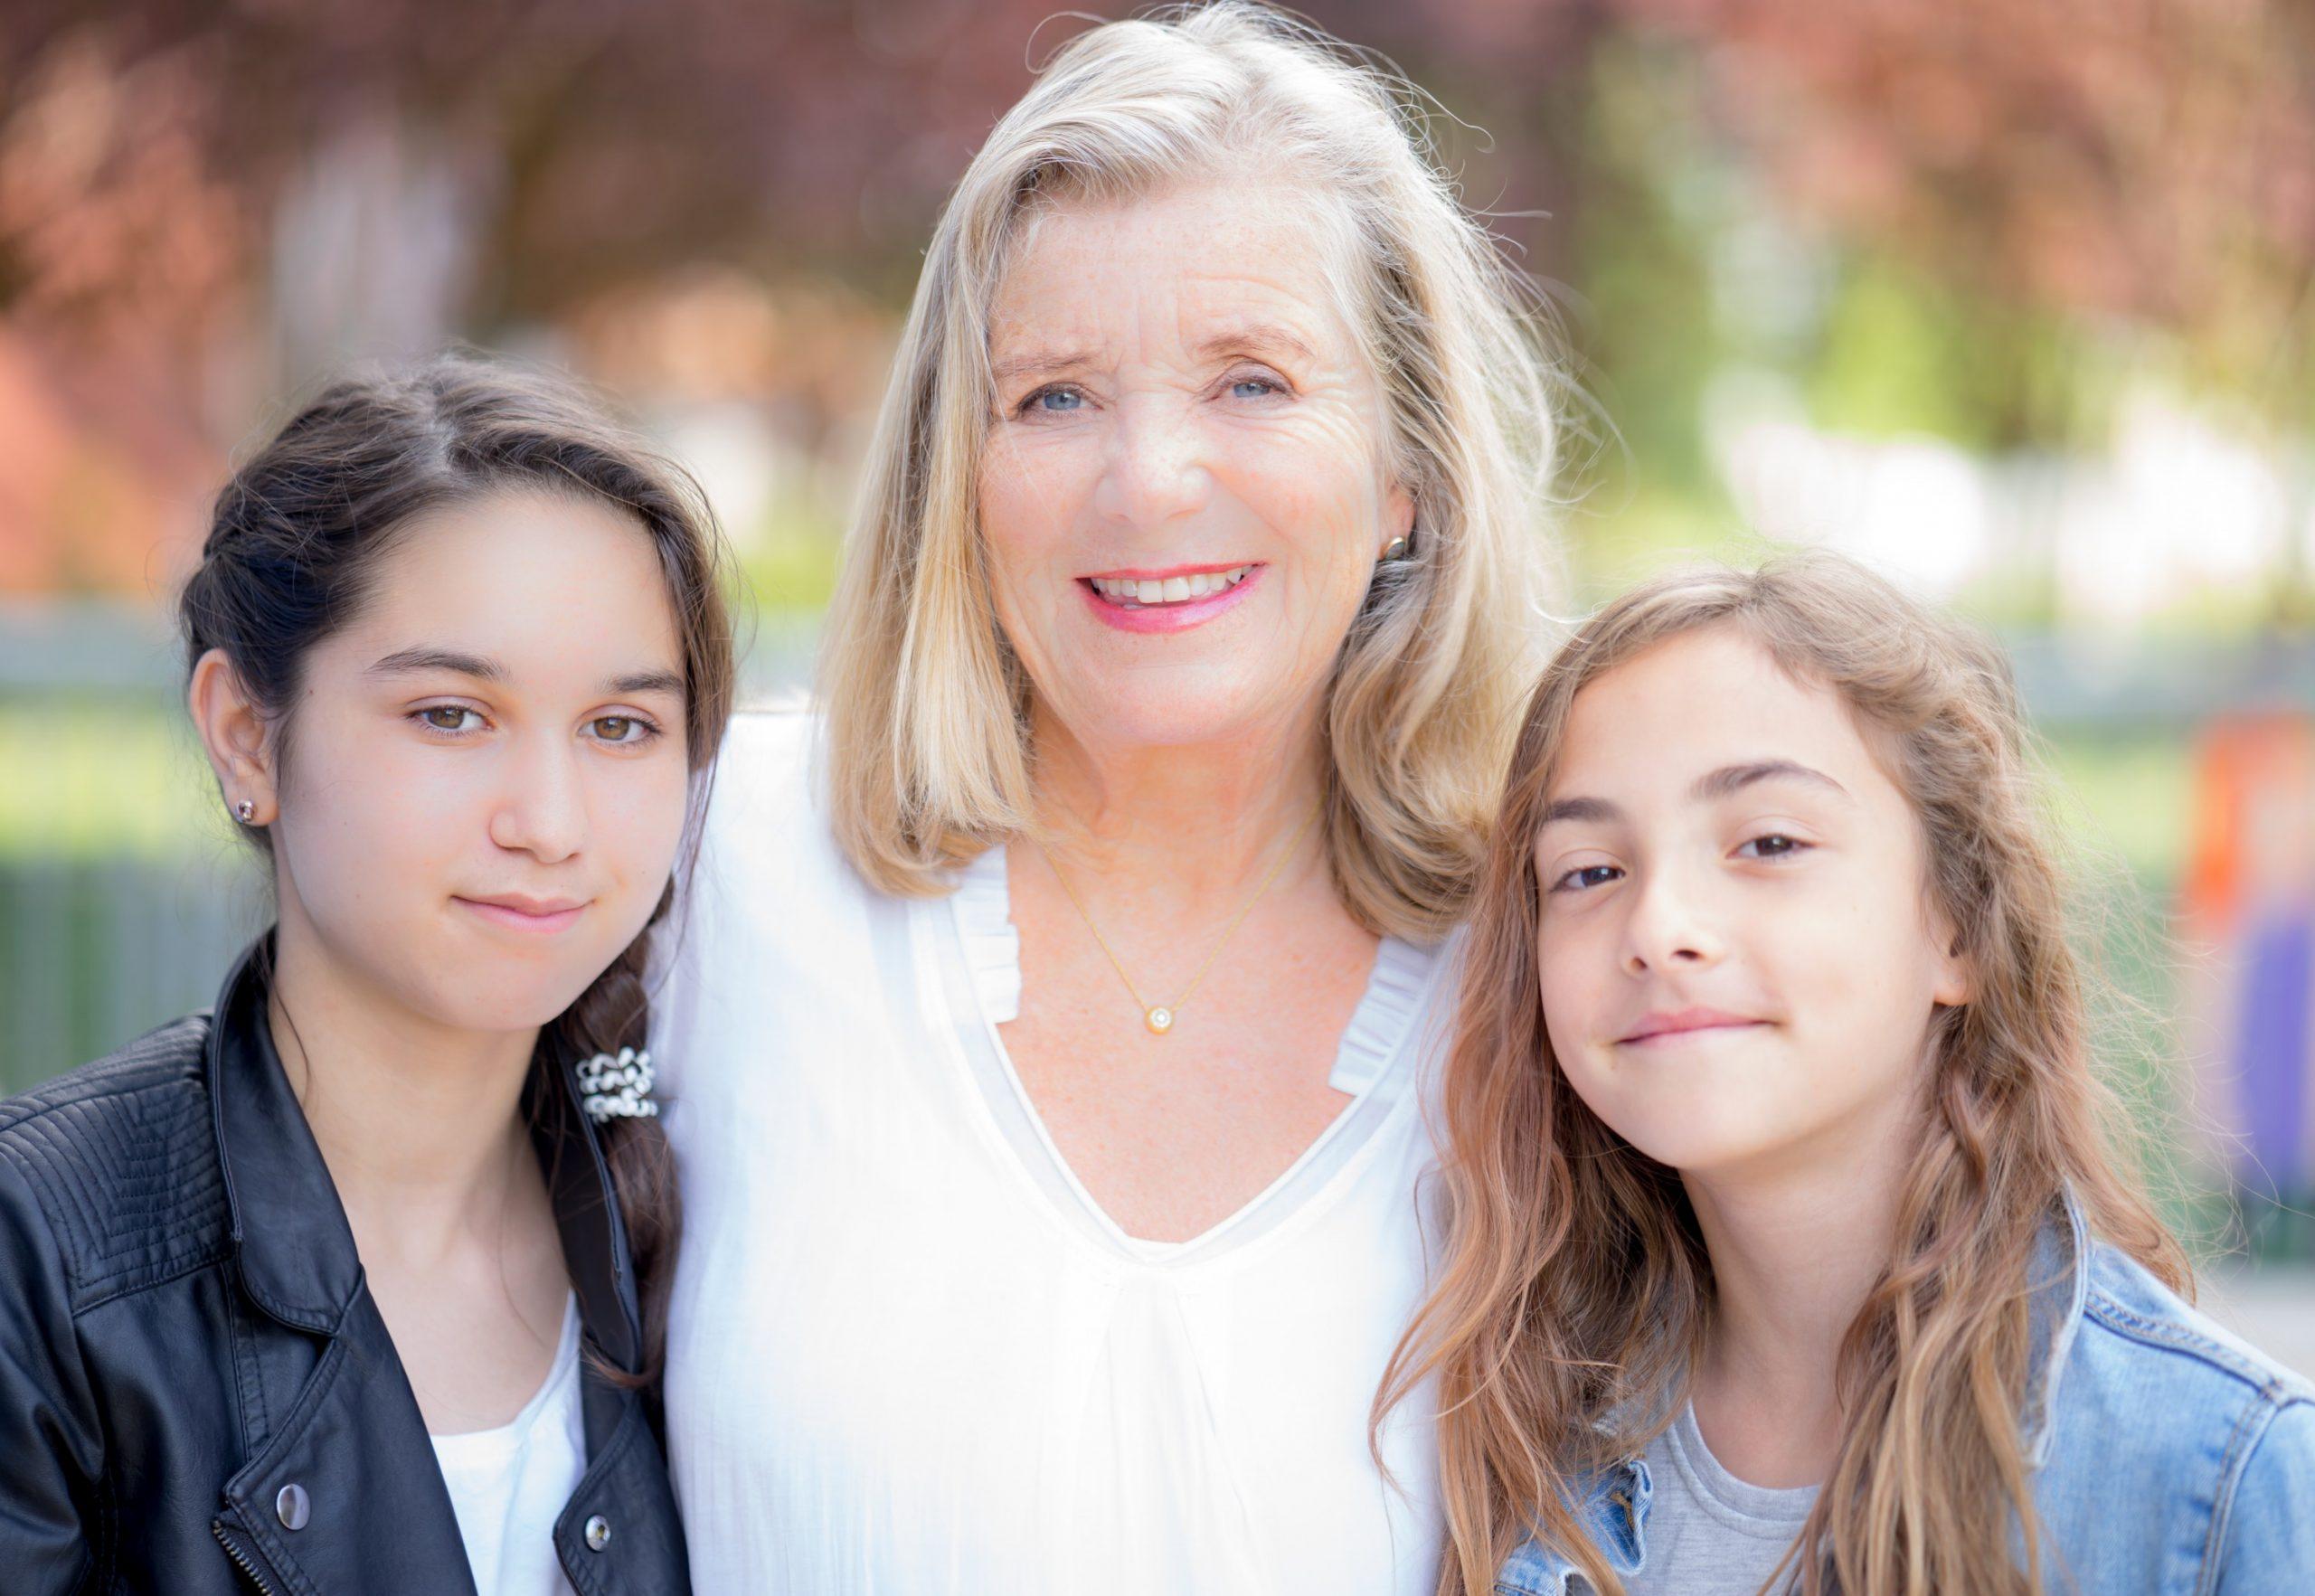 Jutta Speidel mit zwei jungen Mädchen an ihrer Seite in ihrer Stiftung HORIZONT e.V.